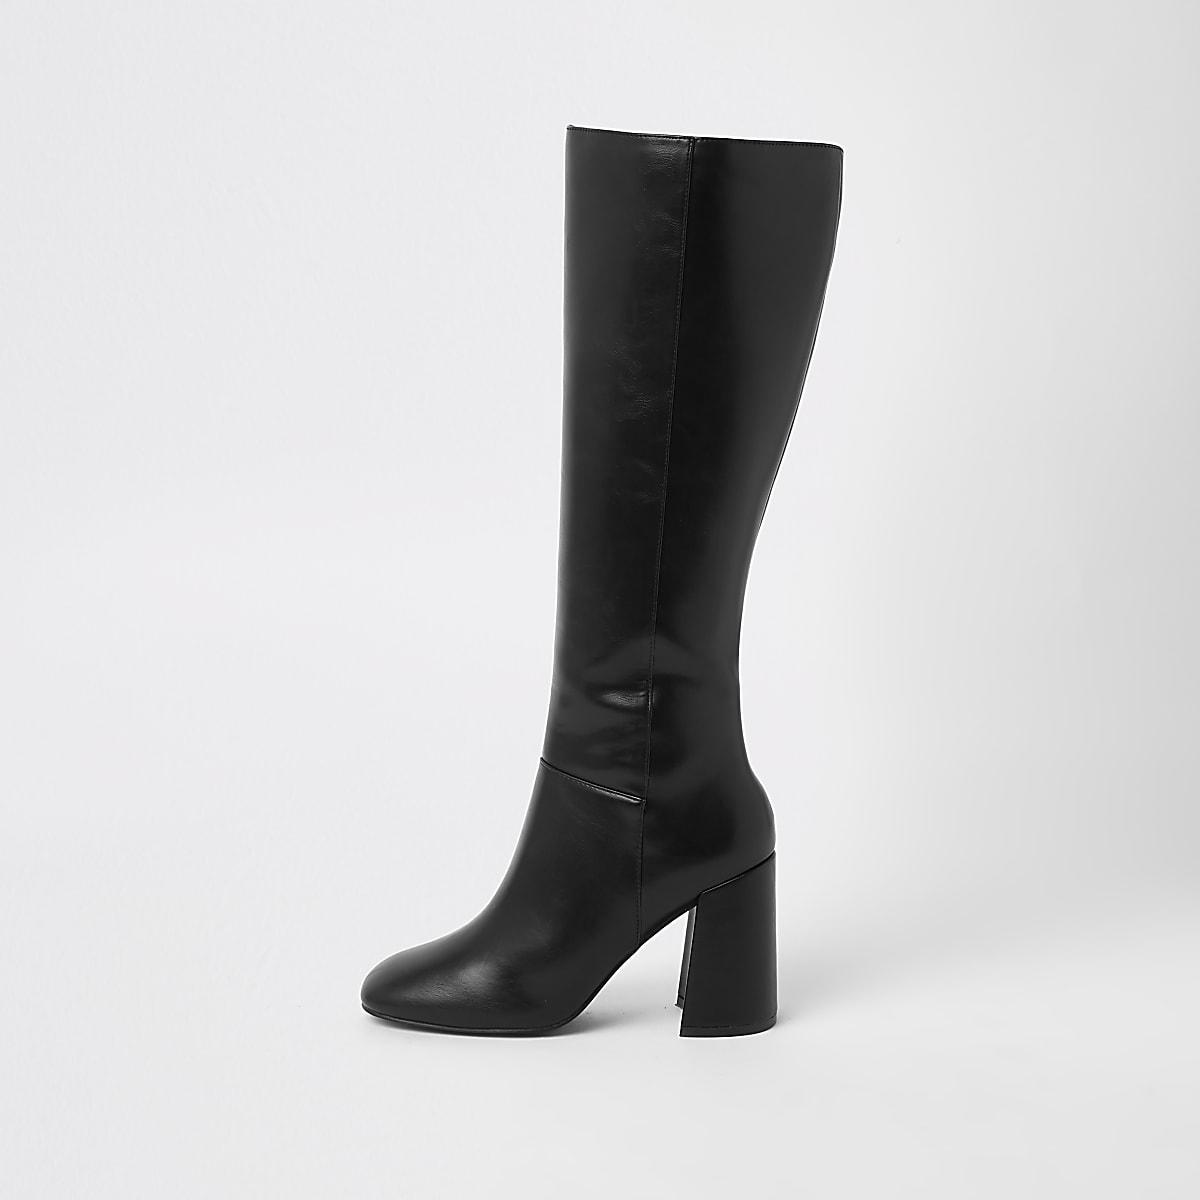 Schwarze kniehohe Stiefel mit Blockabsatz